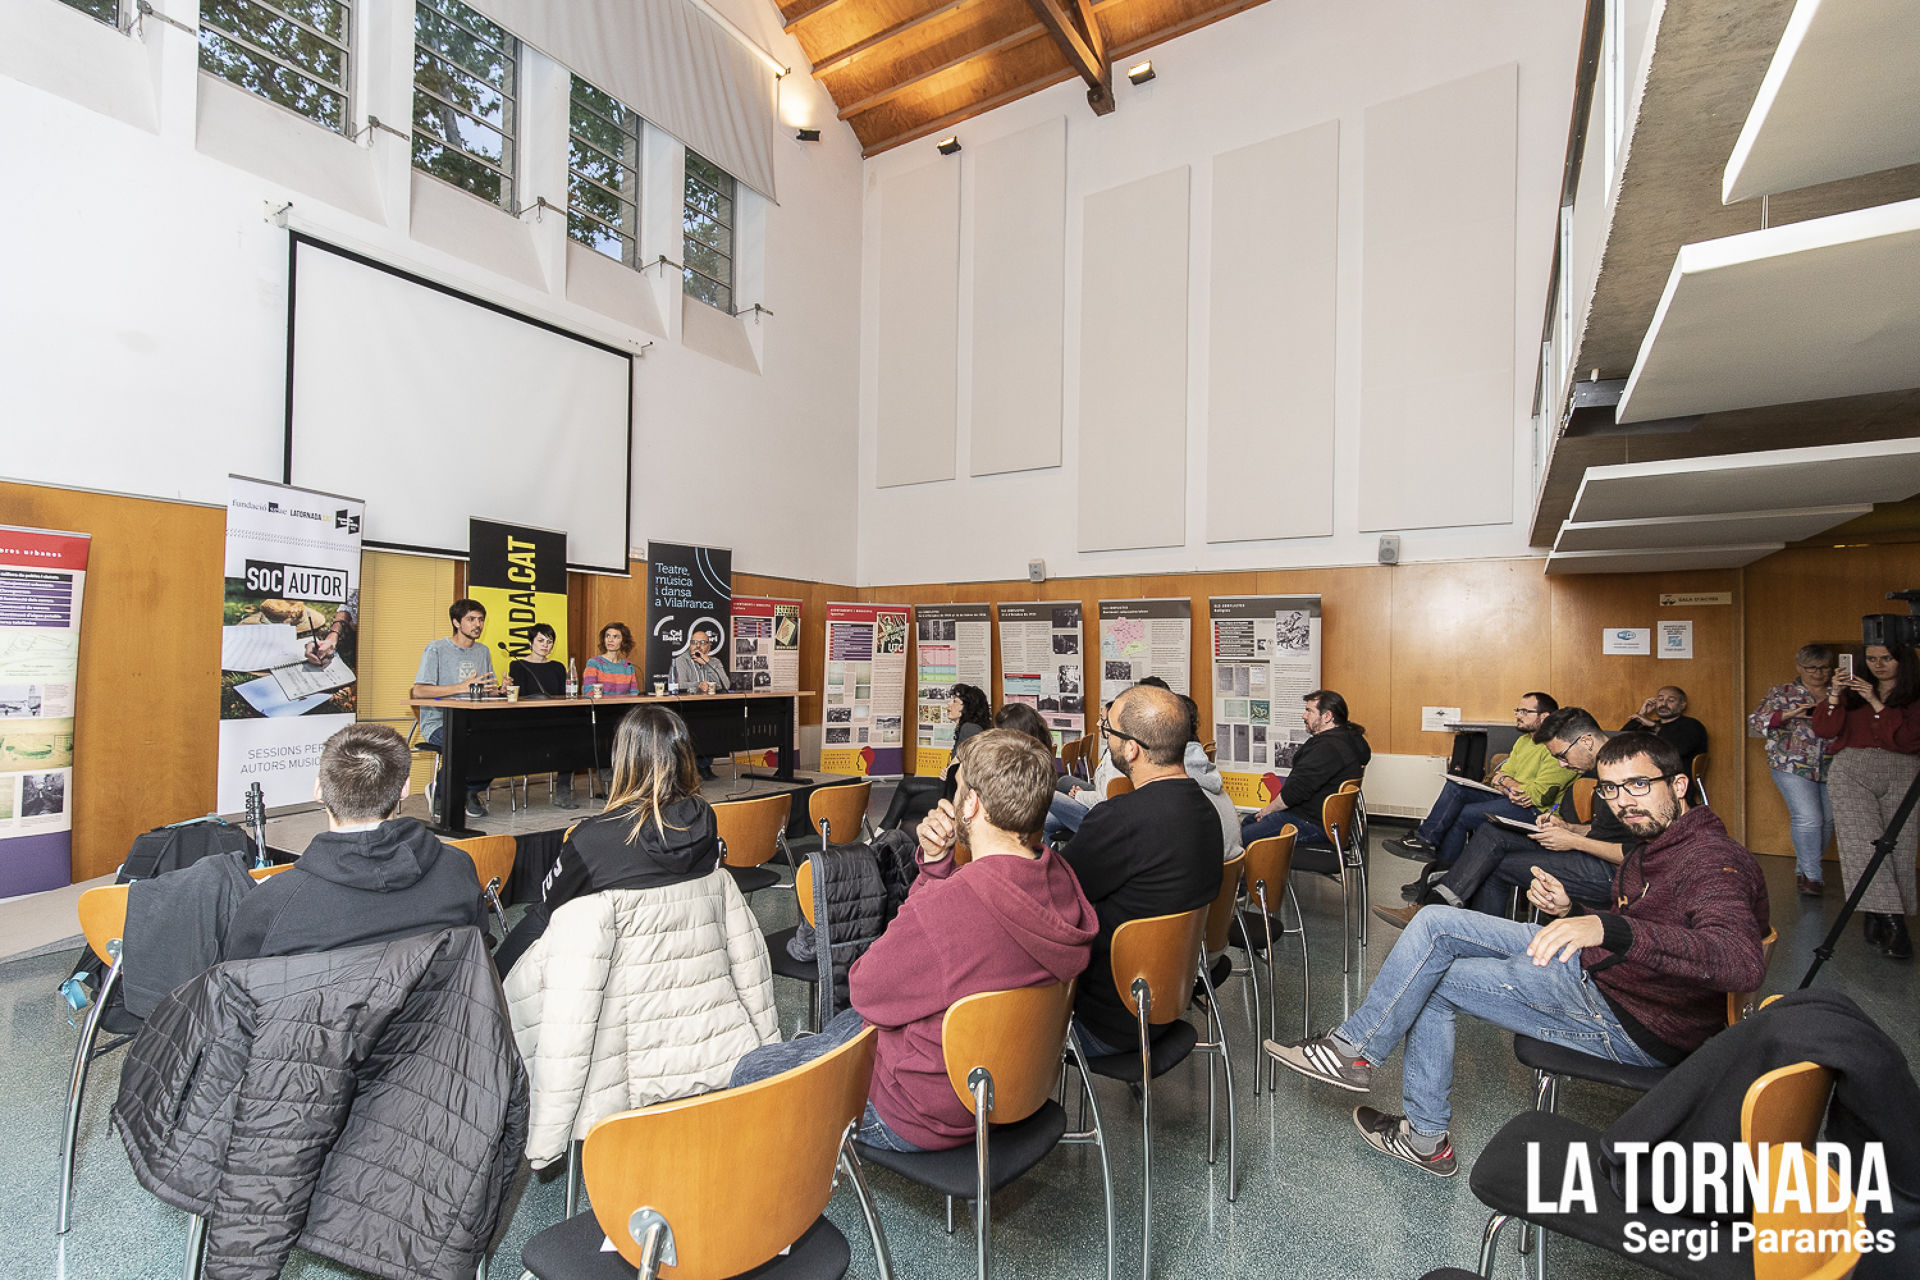 El Soc Autor arriba a Vilafranca del Penedès amb un debat sobre la indústria musical